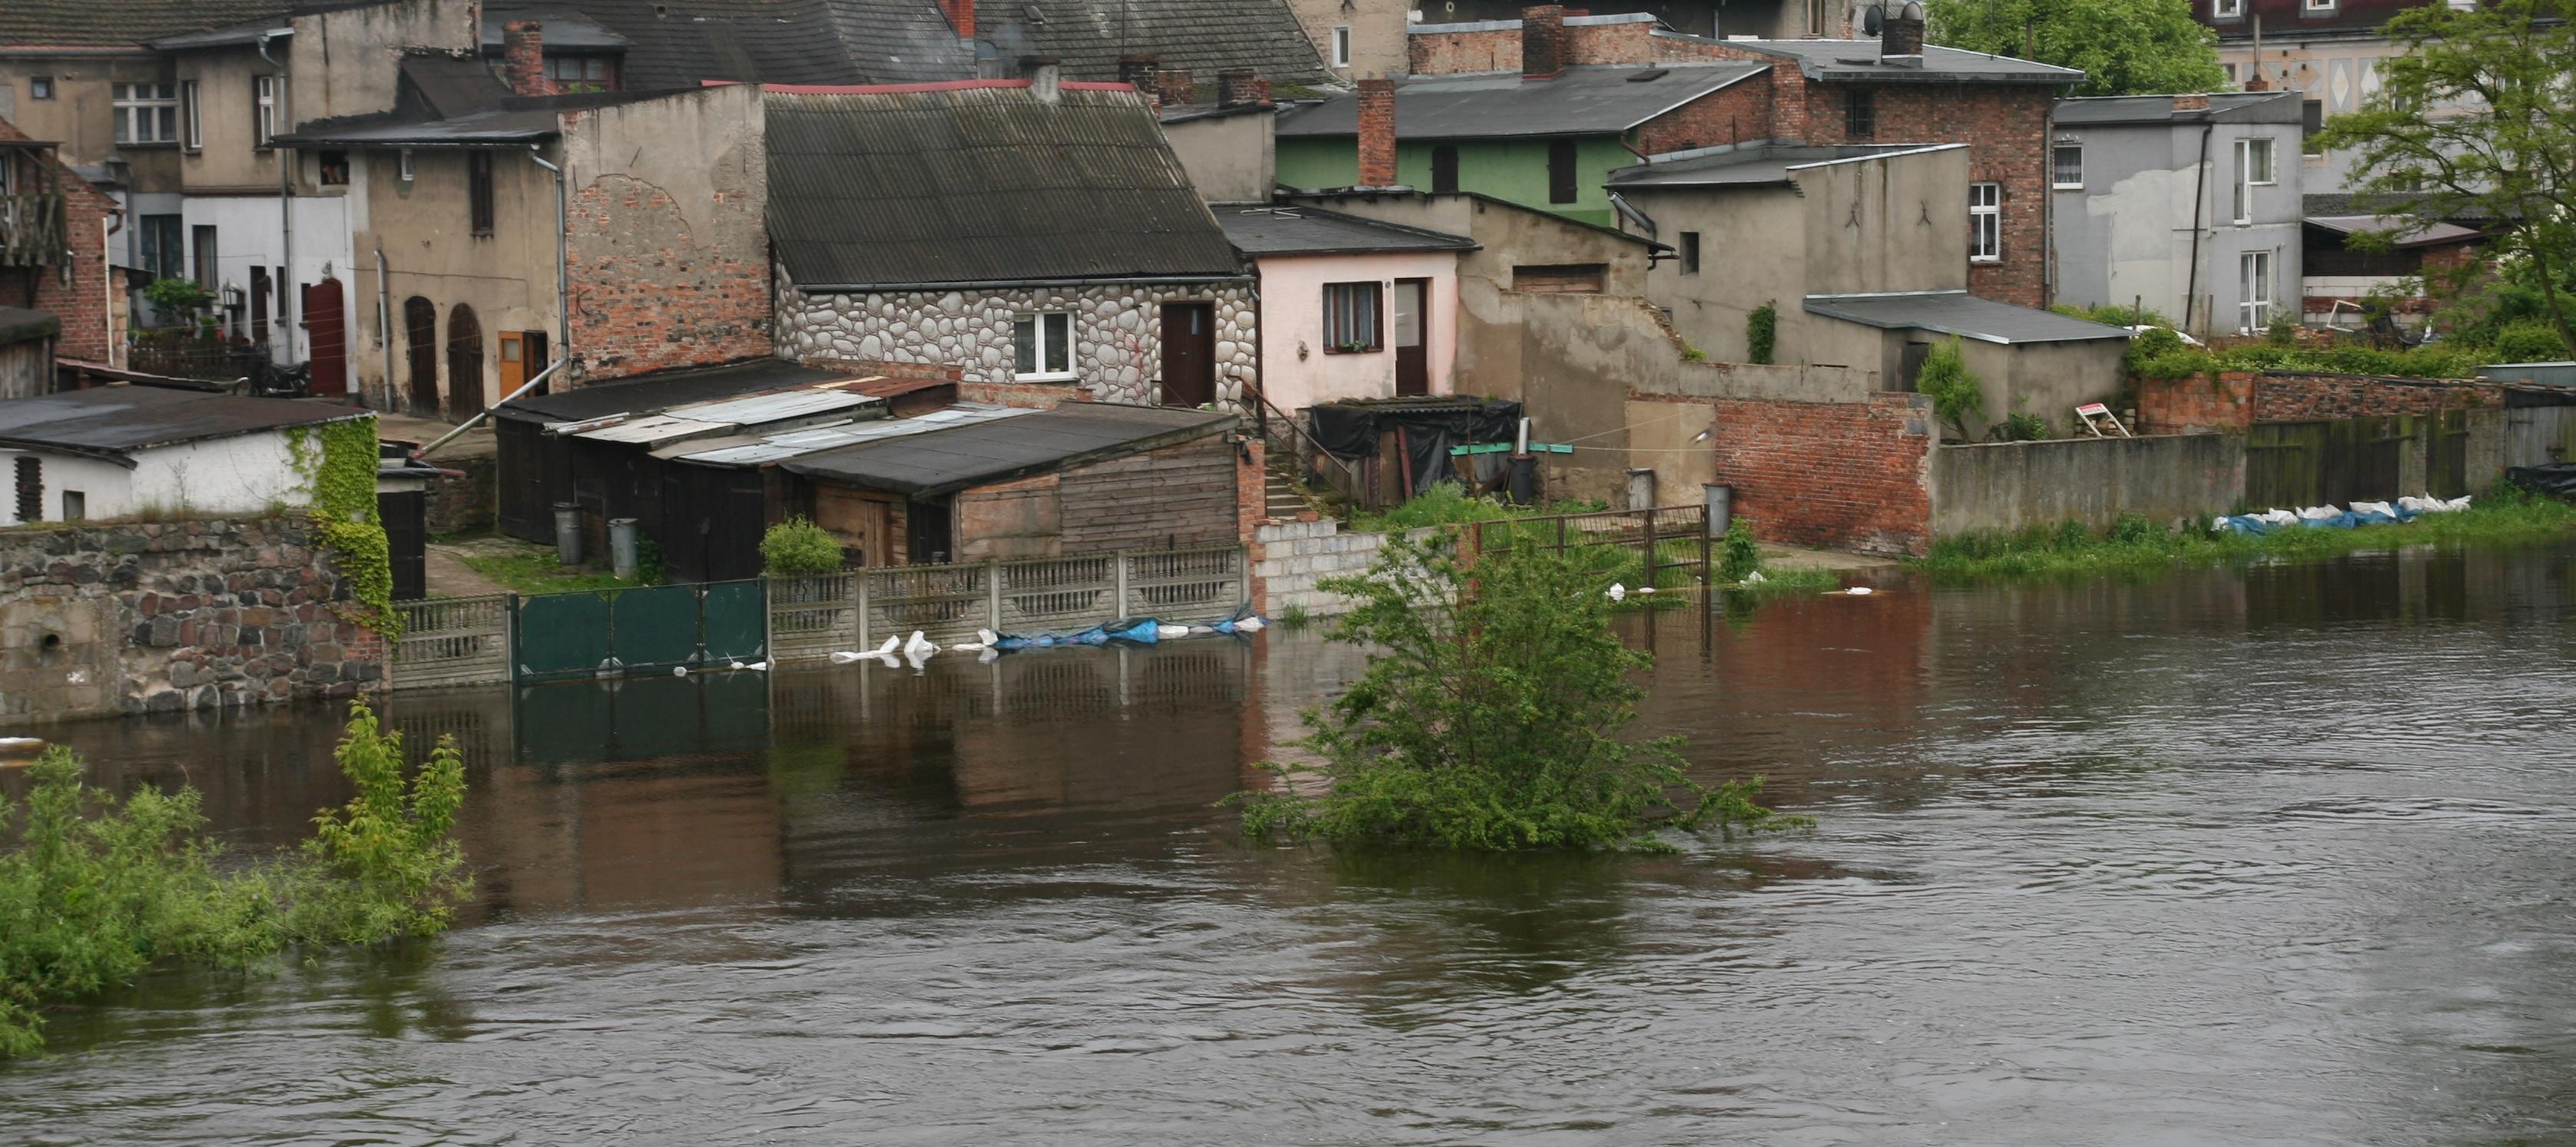 Urzędniczy absurd. W ramach przeciwdziałania powodzi zmienili definicję stanu alarmowego